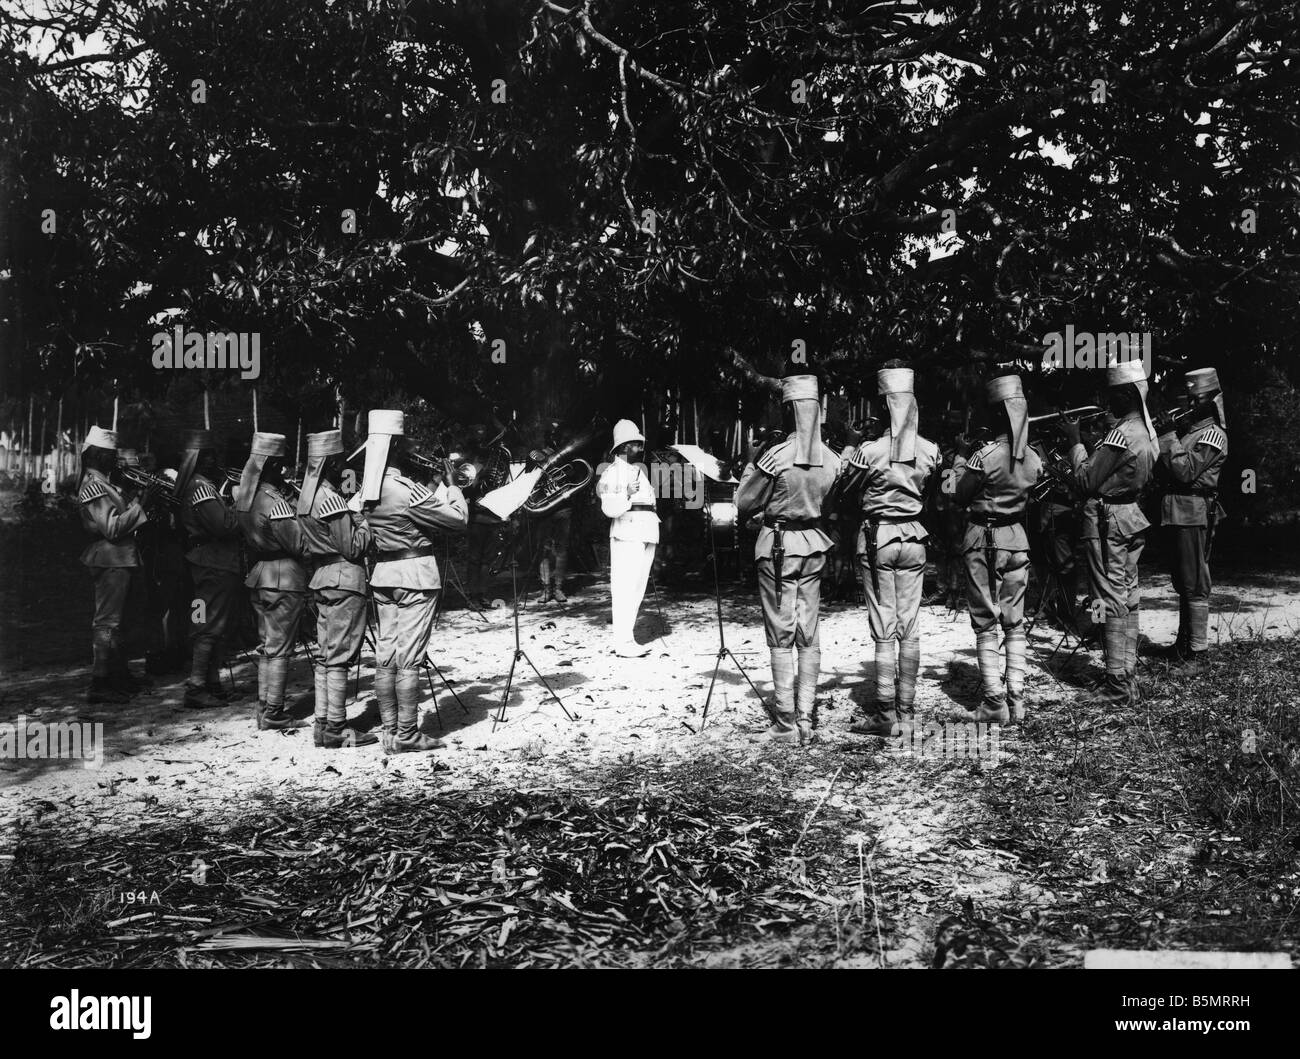 Photo de groupe militaire Askari La Première Guerre mondiale La guerre dans les colonies l'Afrique orientale allemande aujourd'Askari Tanzanie Photo bande militaire Banque D'Images